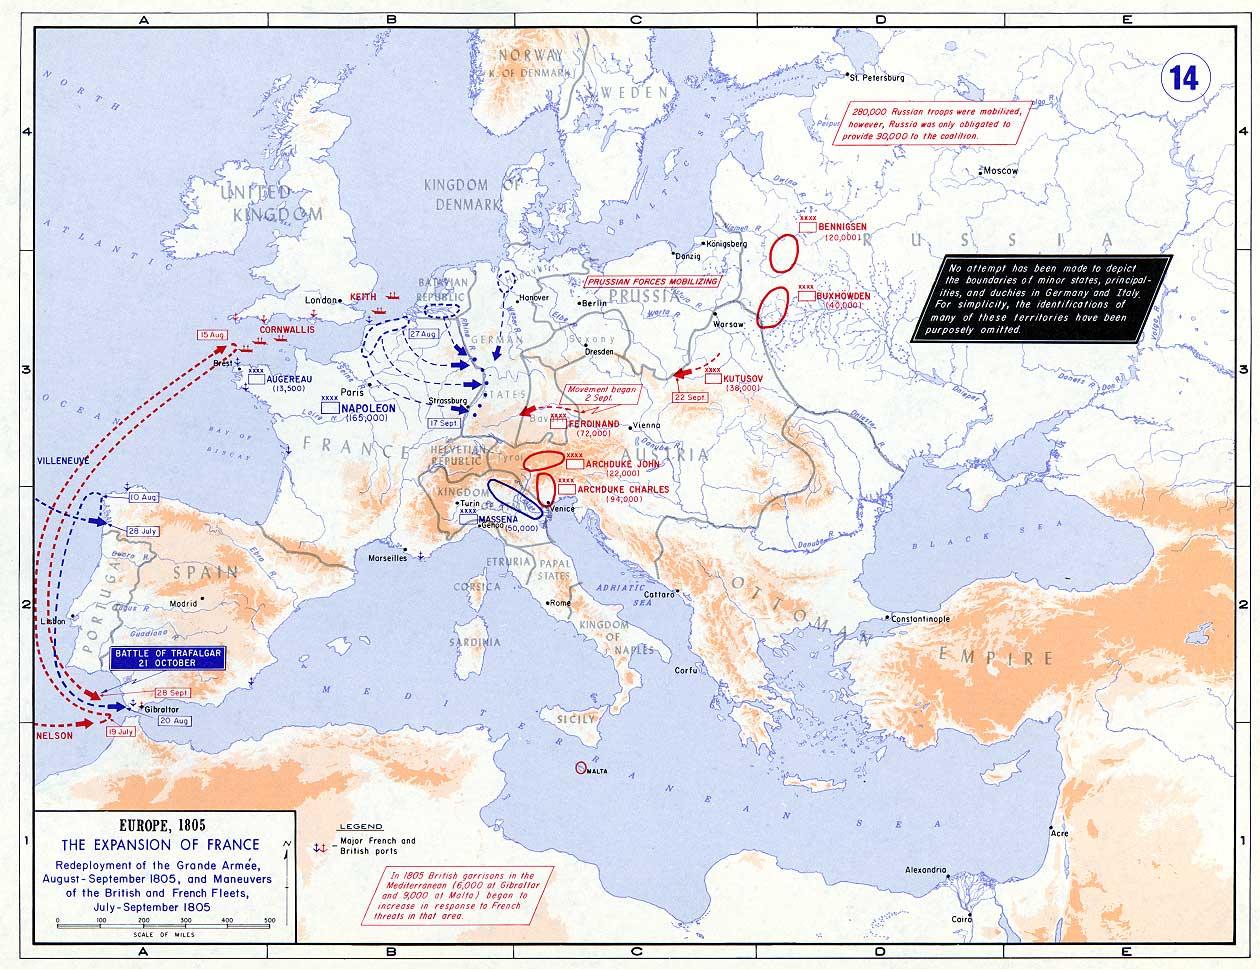 La situación estratégica de Europa en 1805